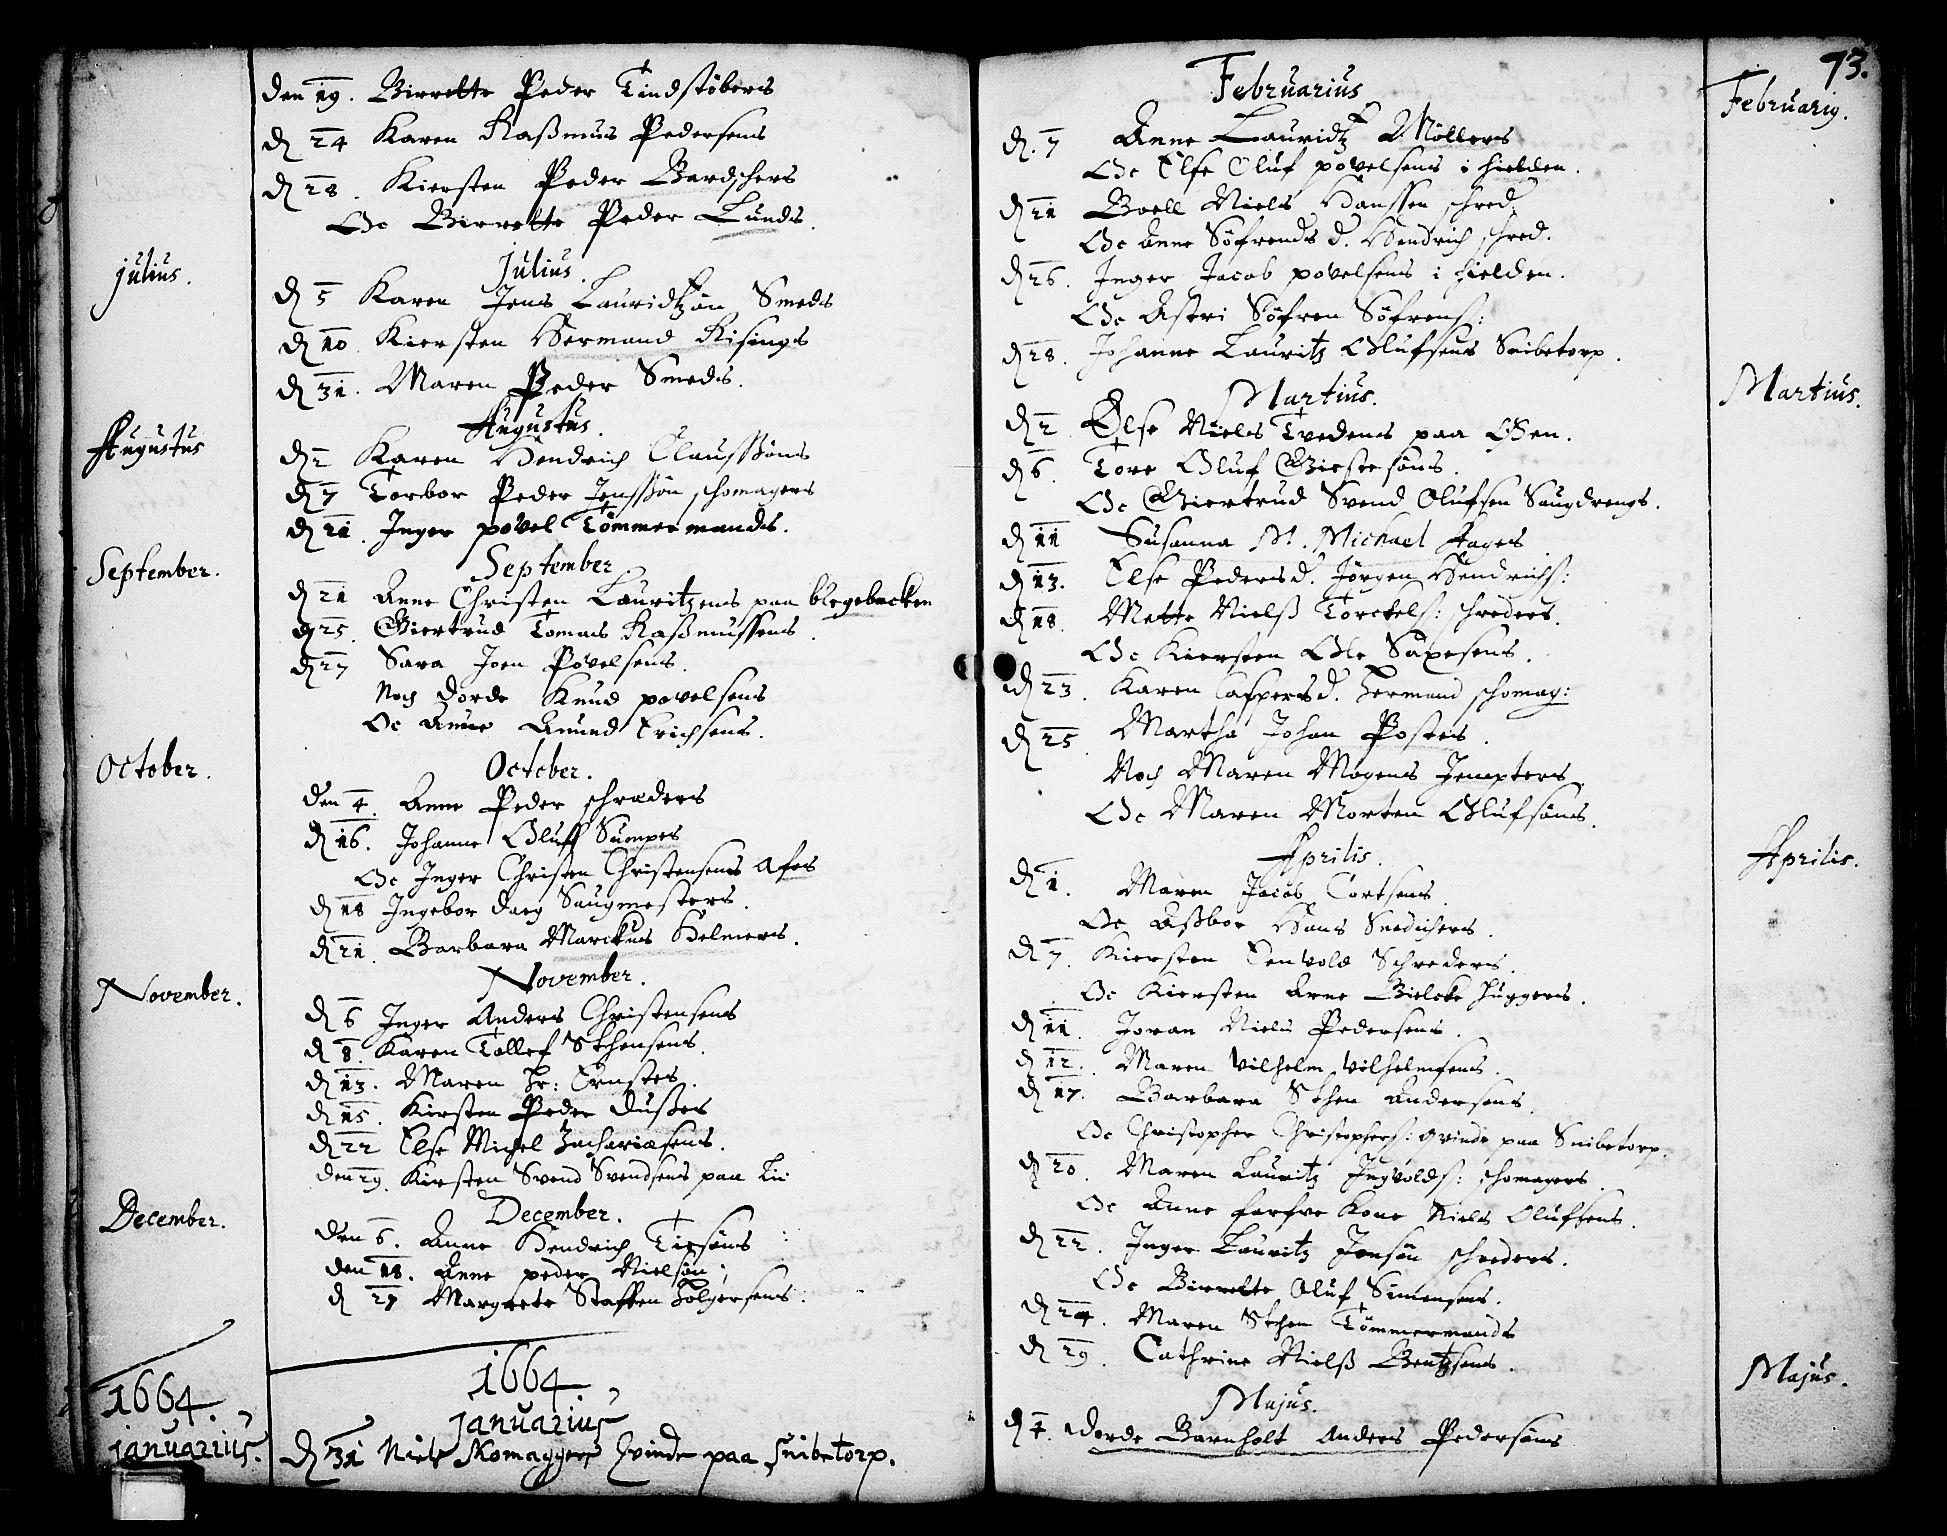 SAKO, Skien kirkebøker, F/Fa/L0001: Ministerialbok nr. 1, 1659-1679, s. 73